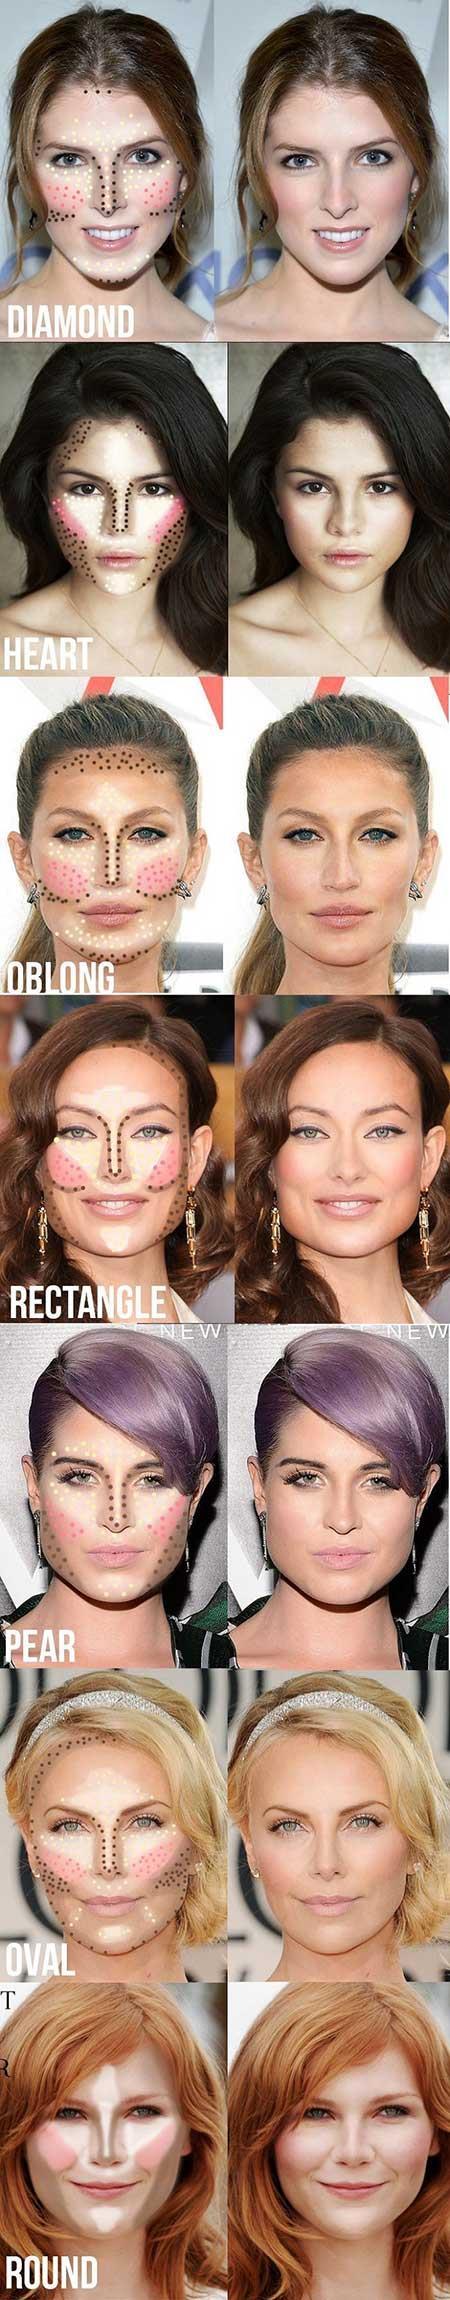 گریم کردن صورت